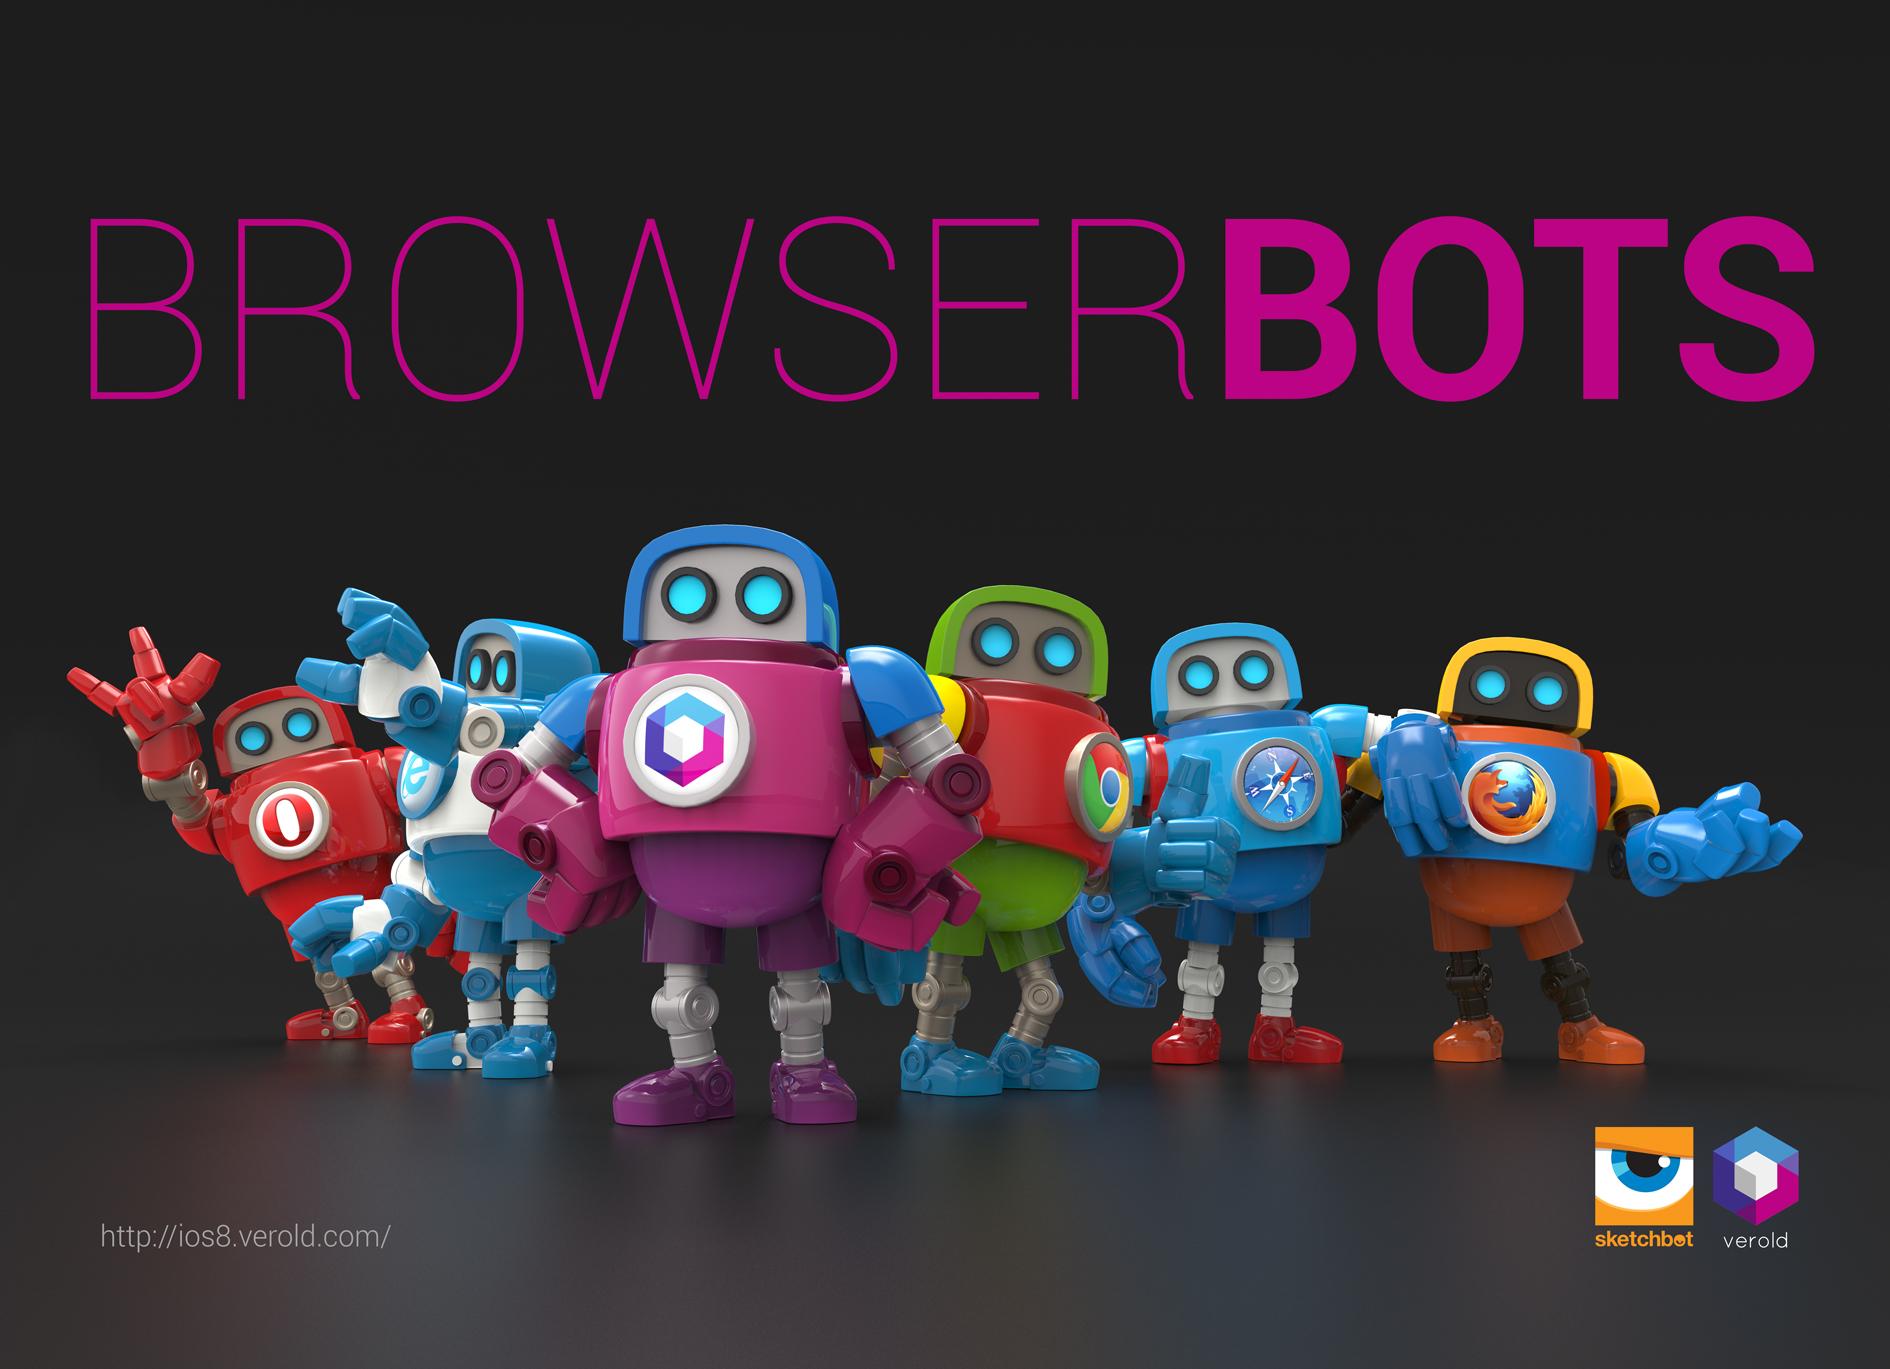 browserBots_groupShot_V2.jpg